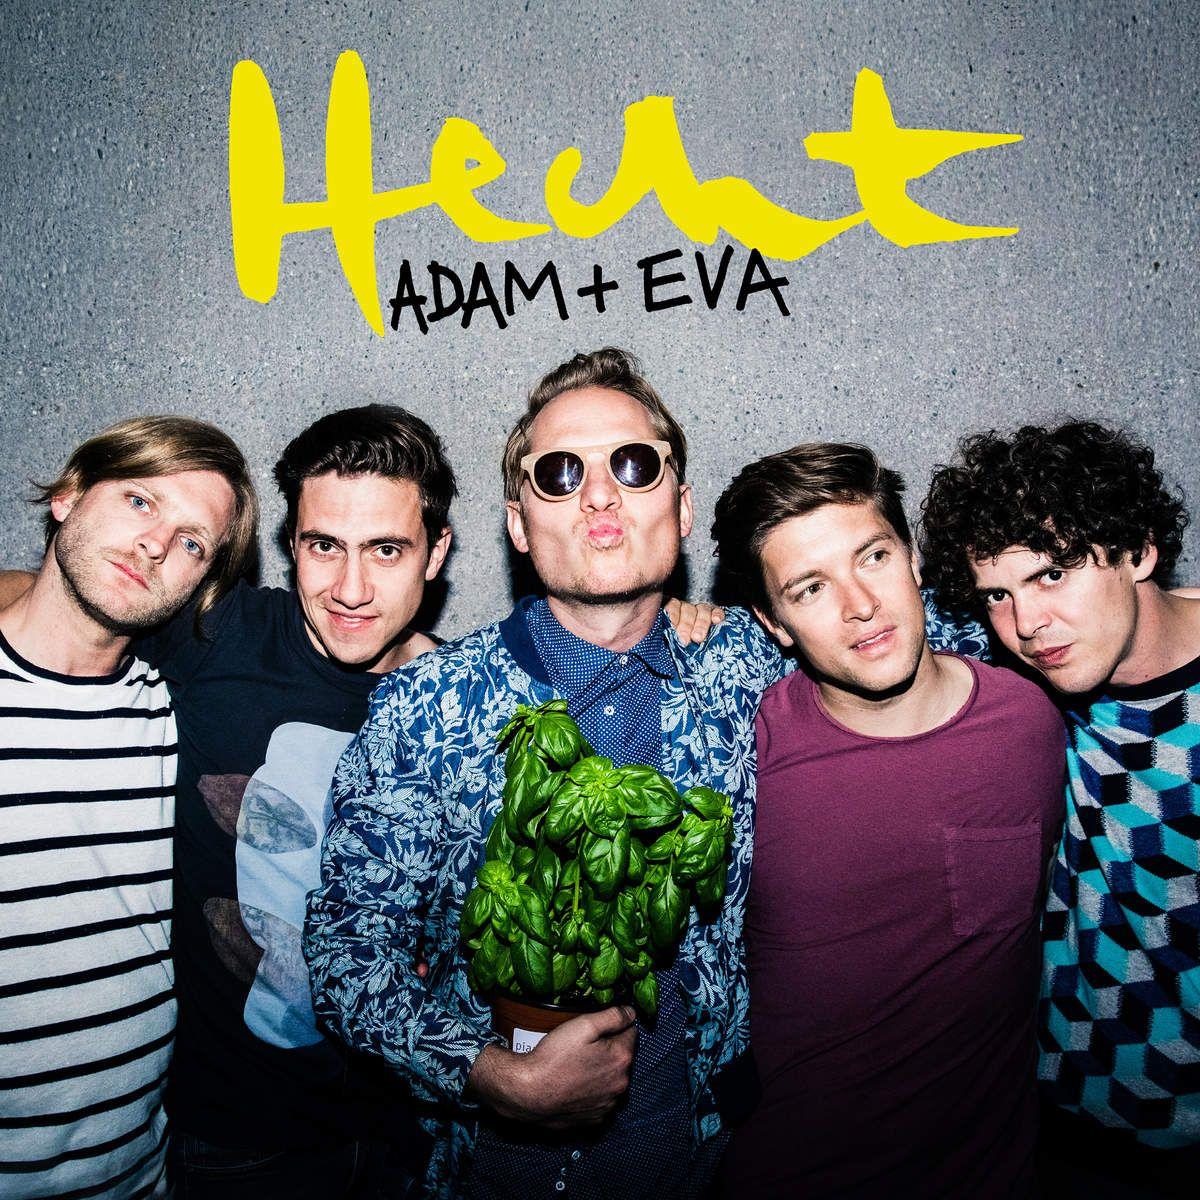 Hecht - Adam + Eva album cover